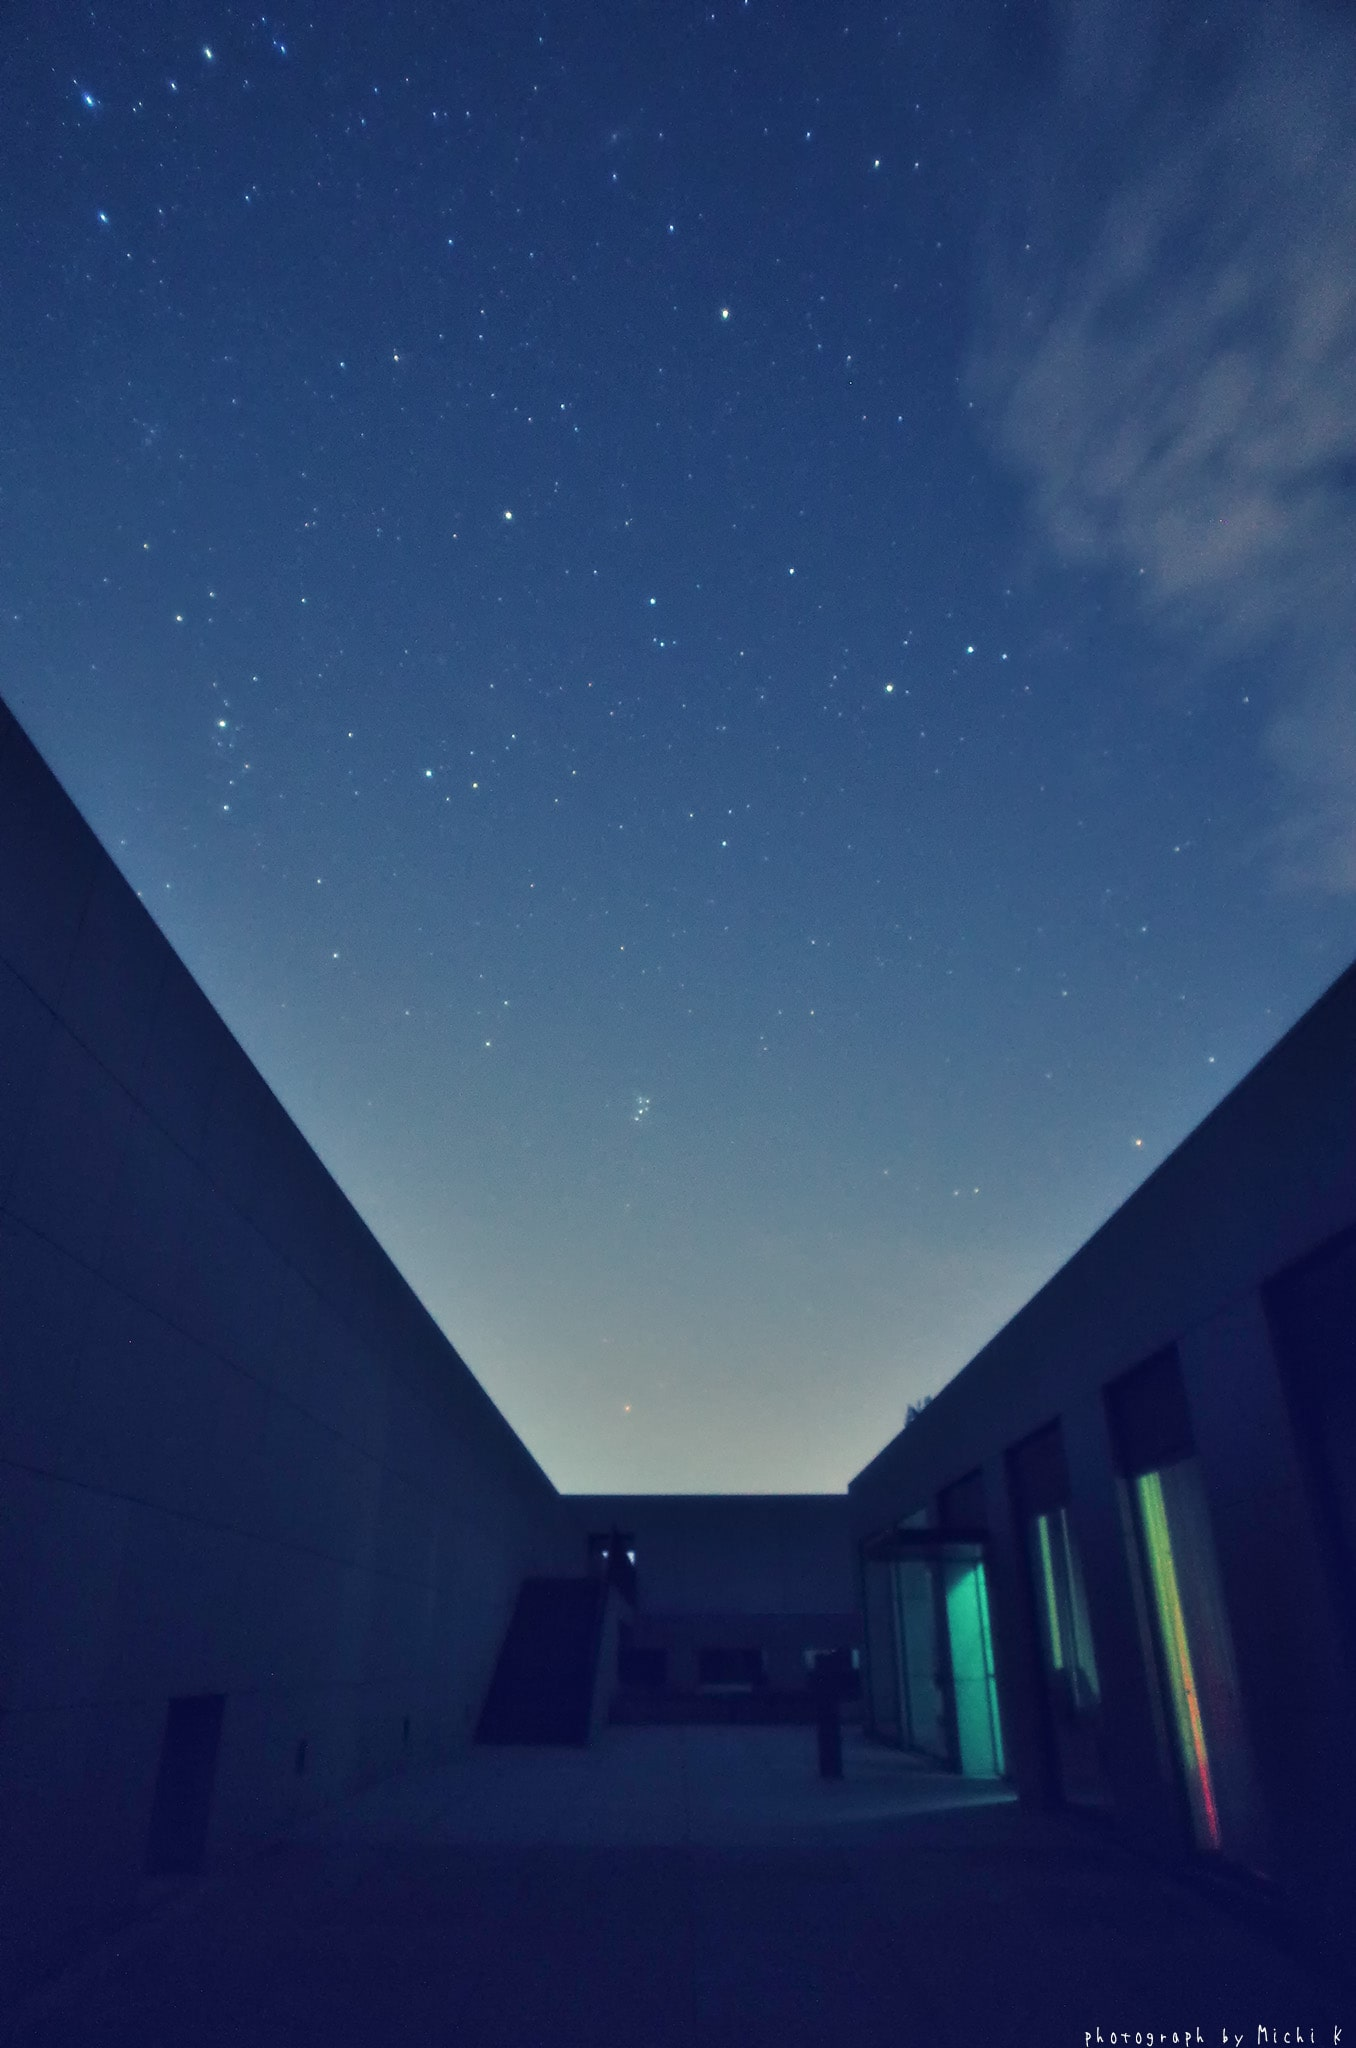 2019年9月4日夜に撮影した星空と土門拳記念館建物入口の写真